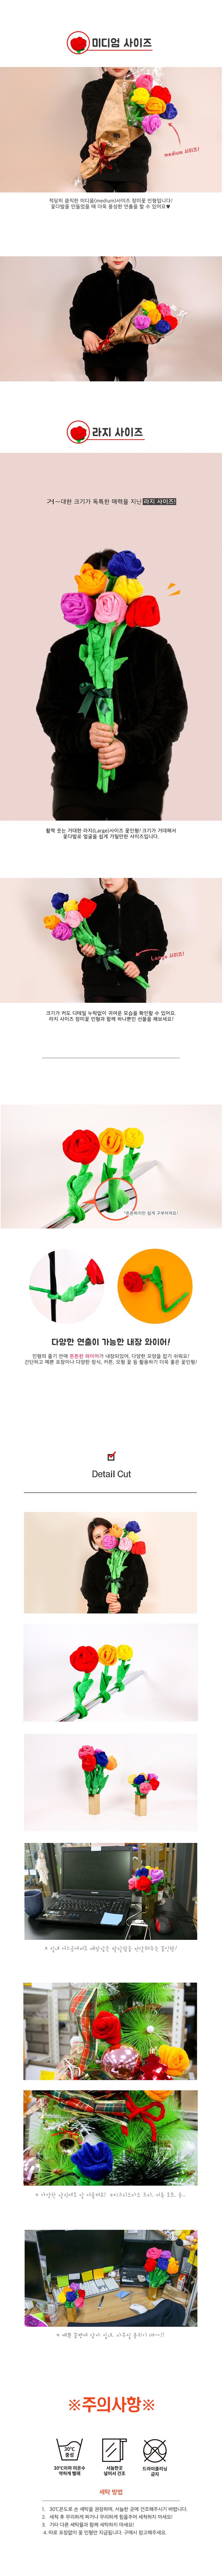 장미꽃다발인형 7color 플라워봉제 - 갓샵, 2,400원, 장식소품, 기타 소품